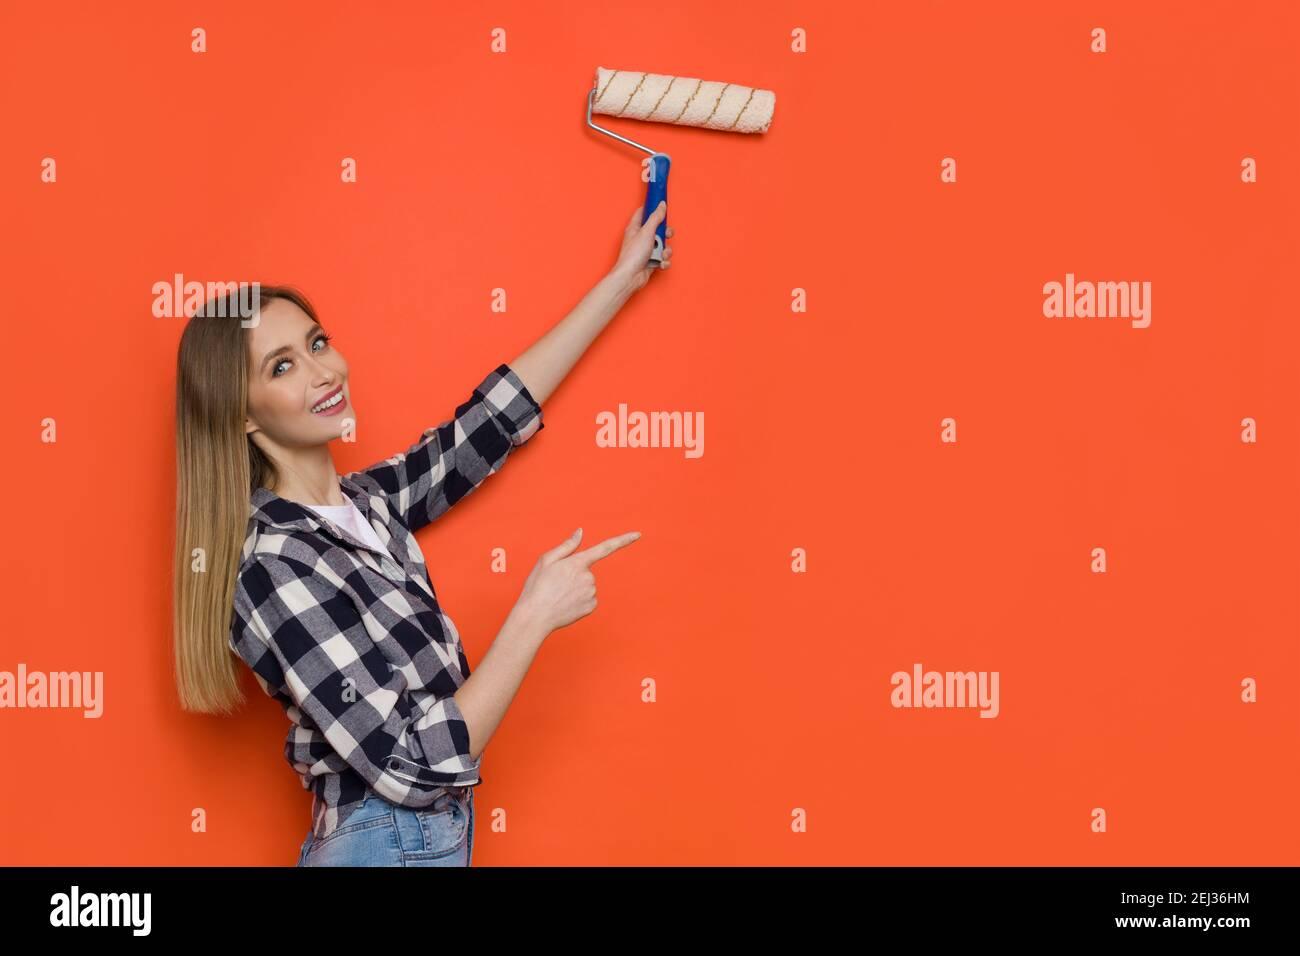 Junge blonde Frau in Holzfällerhemd und Jeans malt orange Wand mit Malerei Roller, Blick auf Kamera über die Schulter und zeigt. Taille Stockfoto